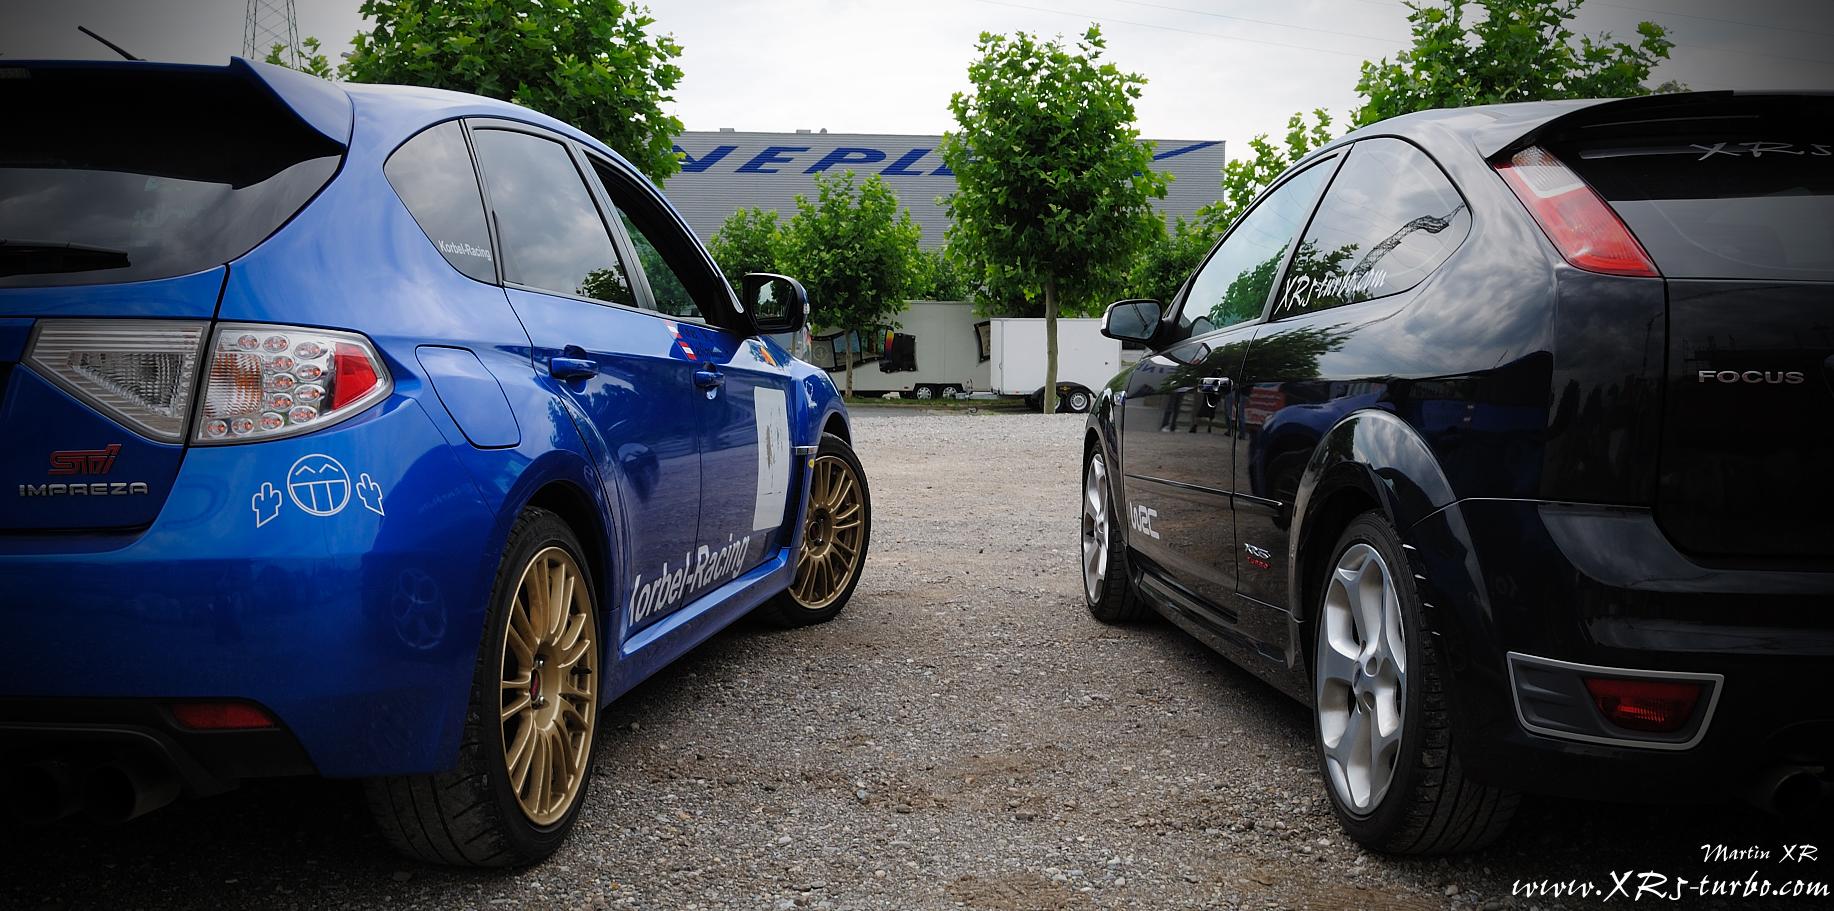 Ford Focus Rs Vs Sti >> www.XR5-turbo.com - 05.08.10 Ford ST vs Subaru STi